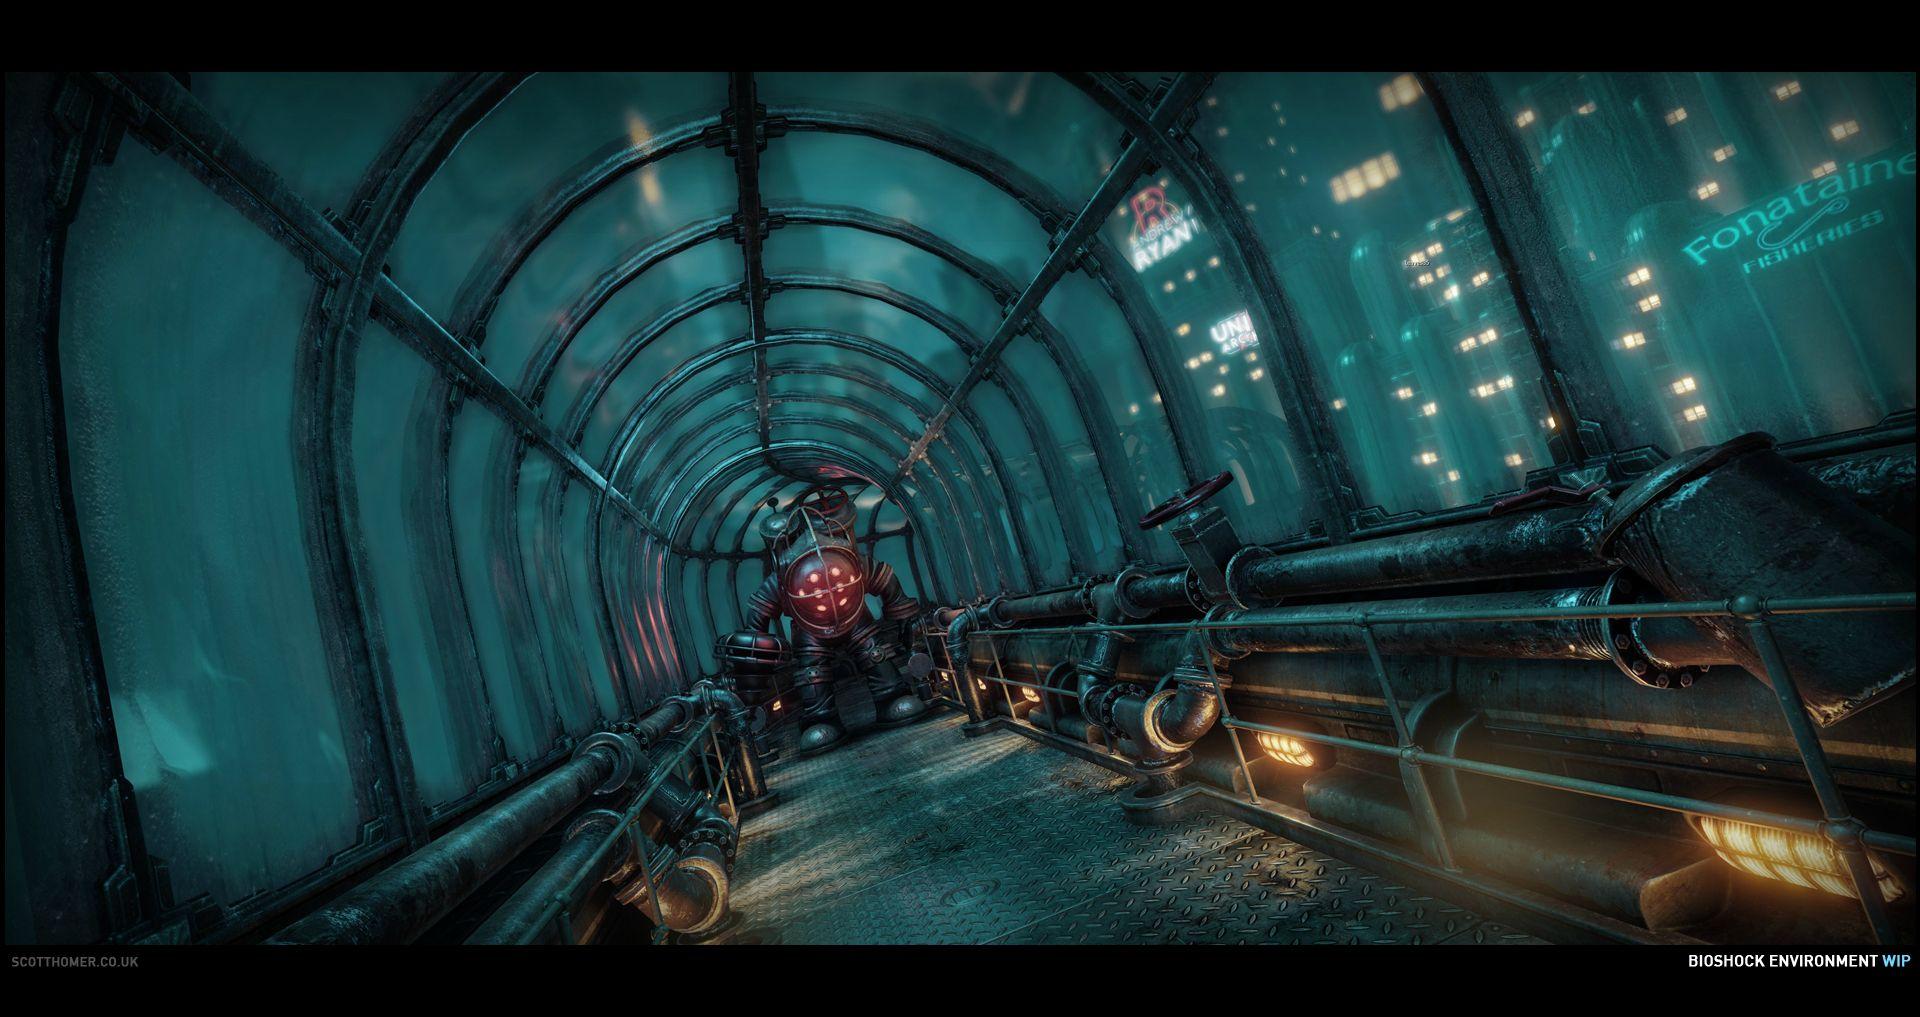 Bioshock Desktop Wallpapers 008